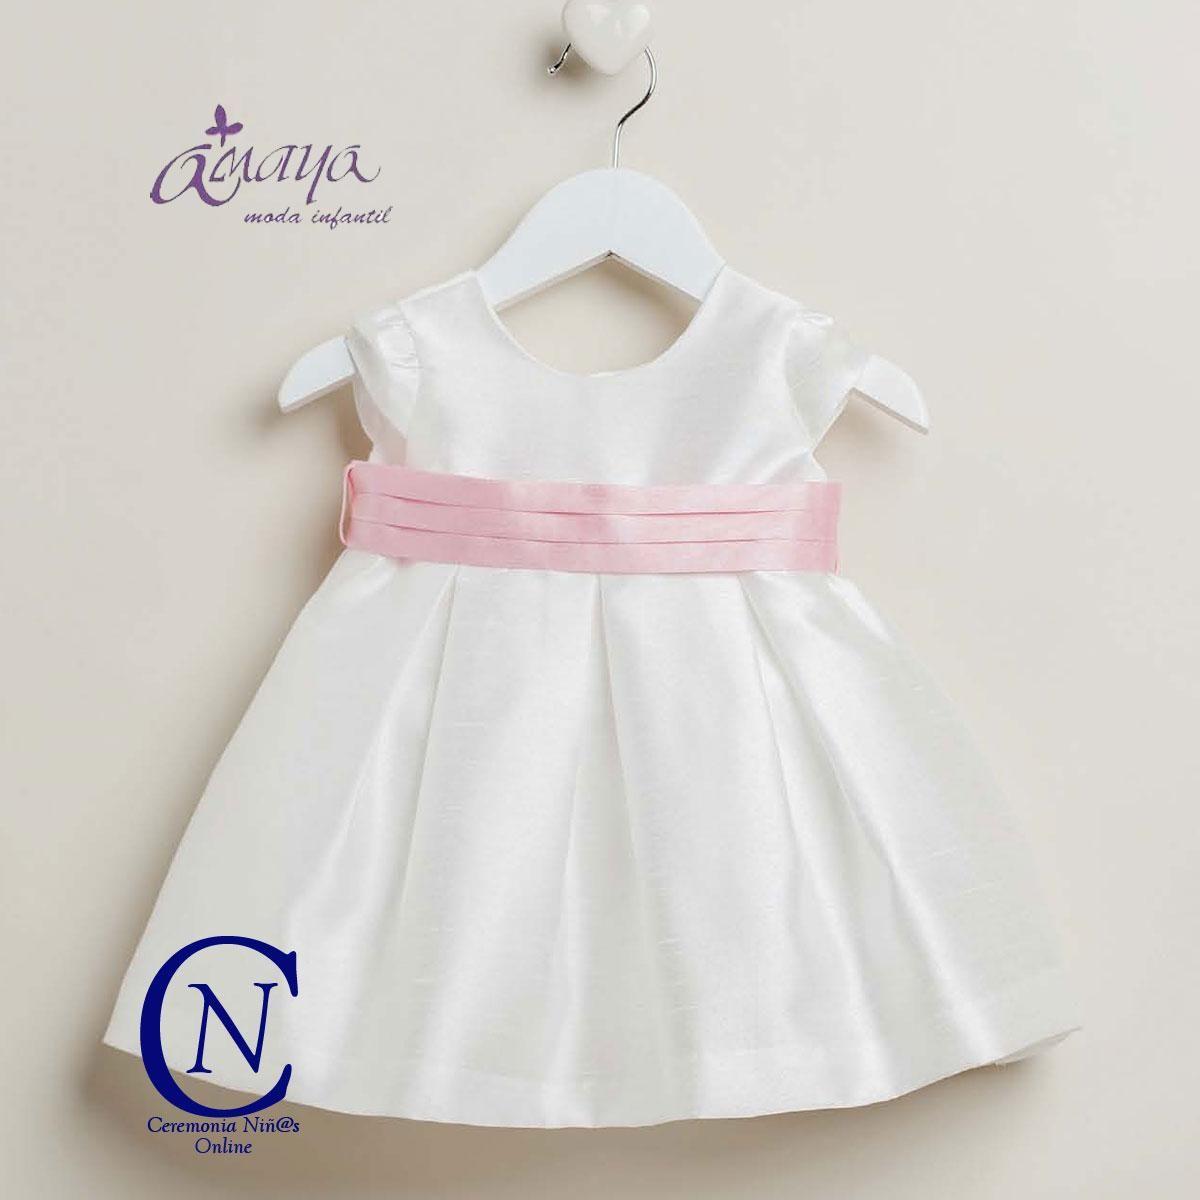 Vestido De Bebe Ceremonia Artesania Amaya Modelo 22226 Ropa Vestidos De Fiesta Para Niñas Moda